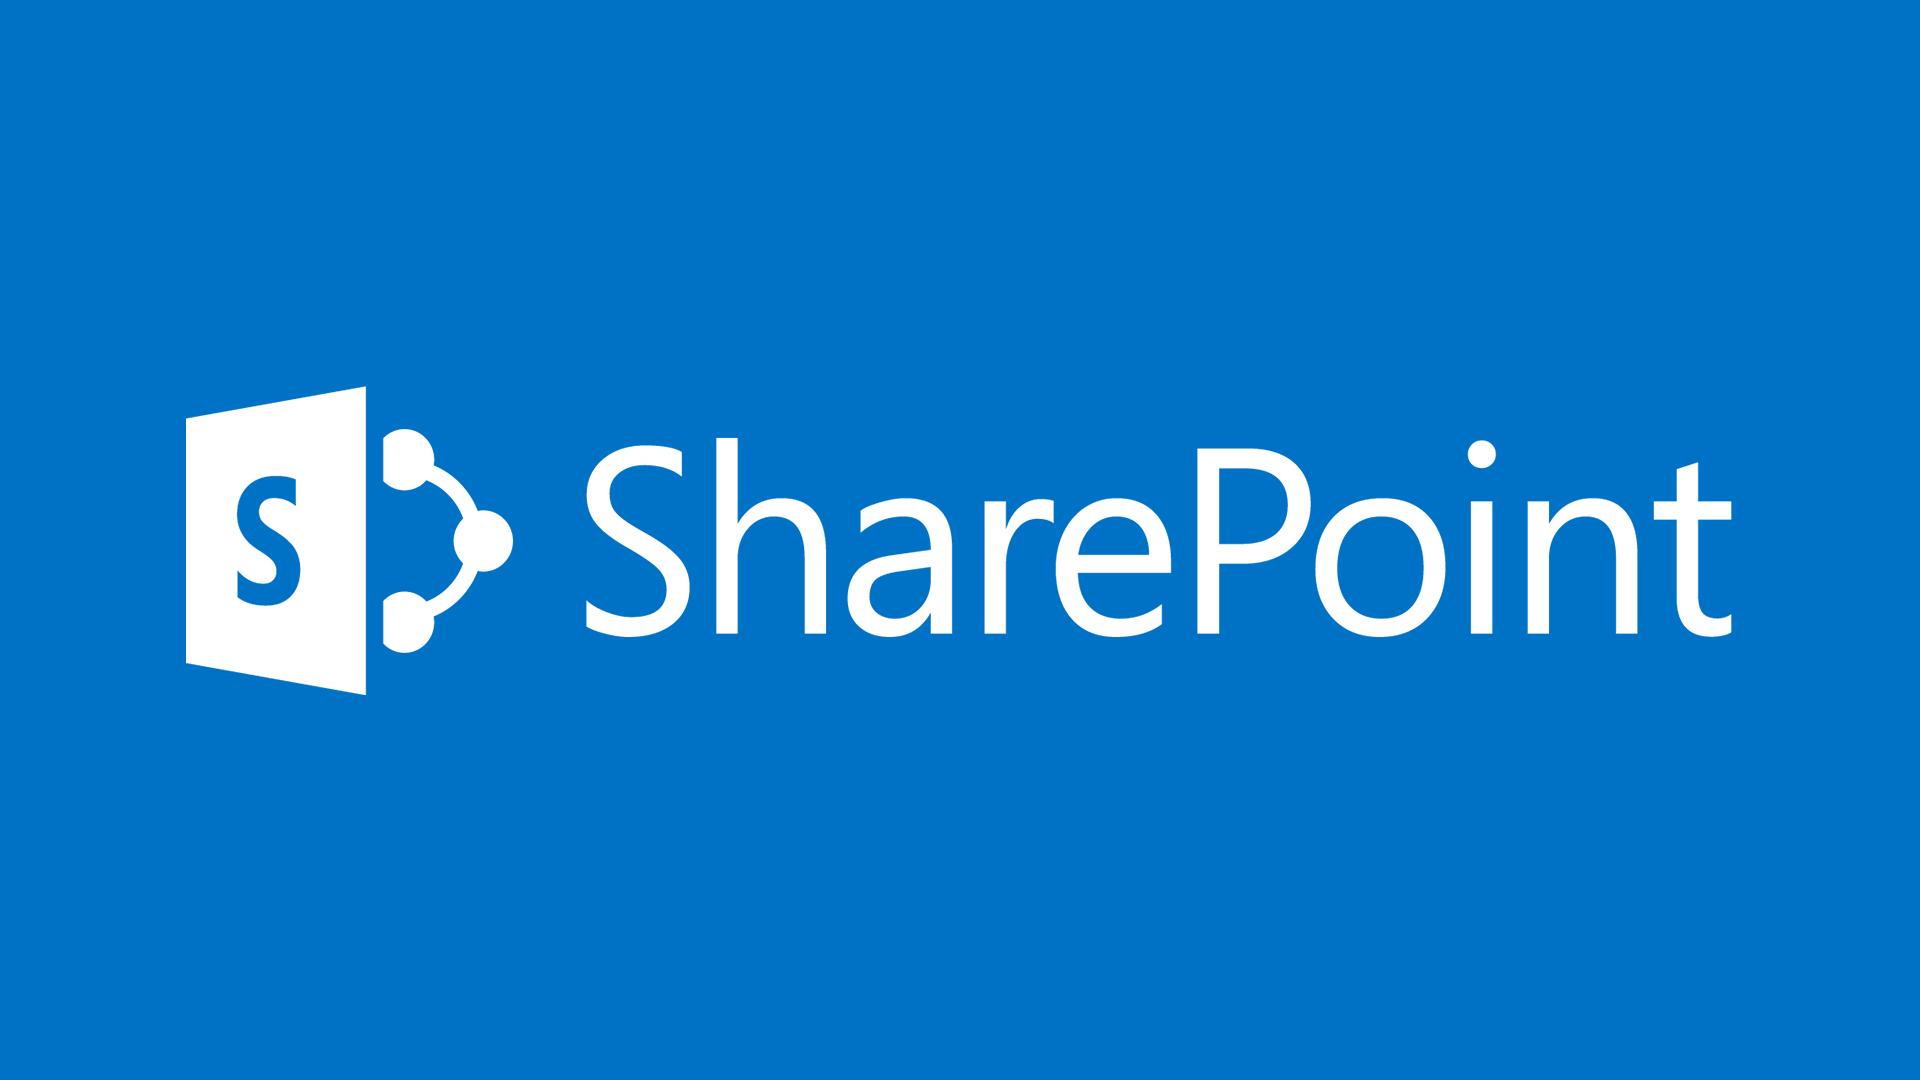 Lista SharePoint: O que é e como criá-la?